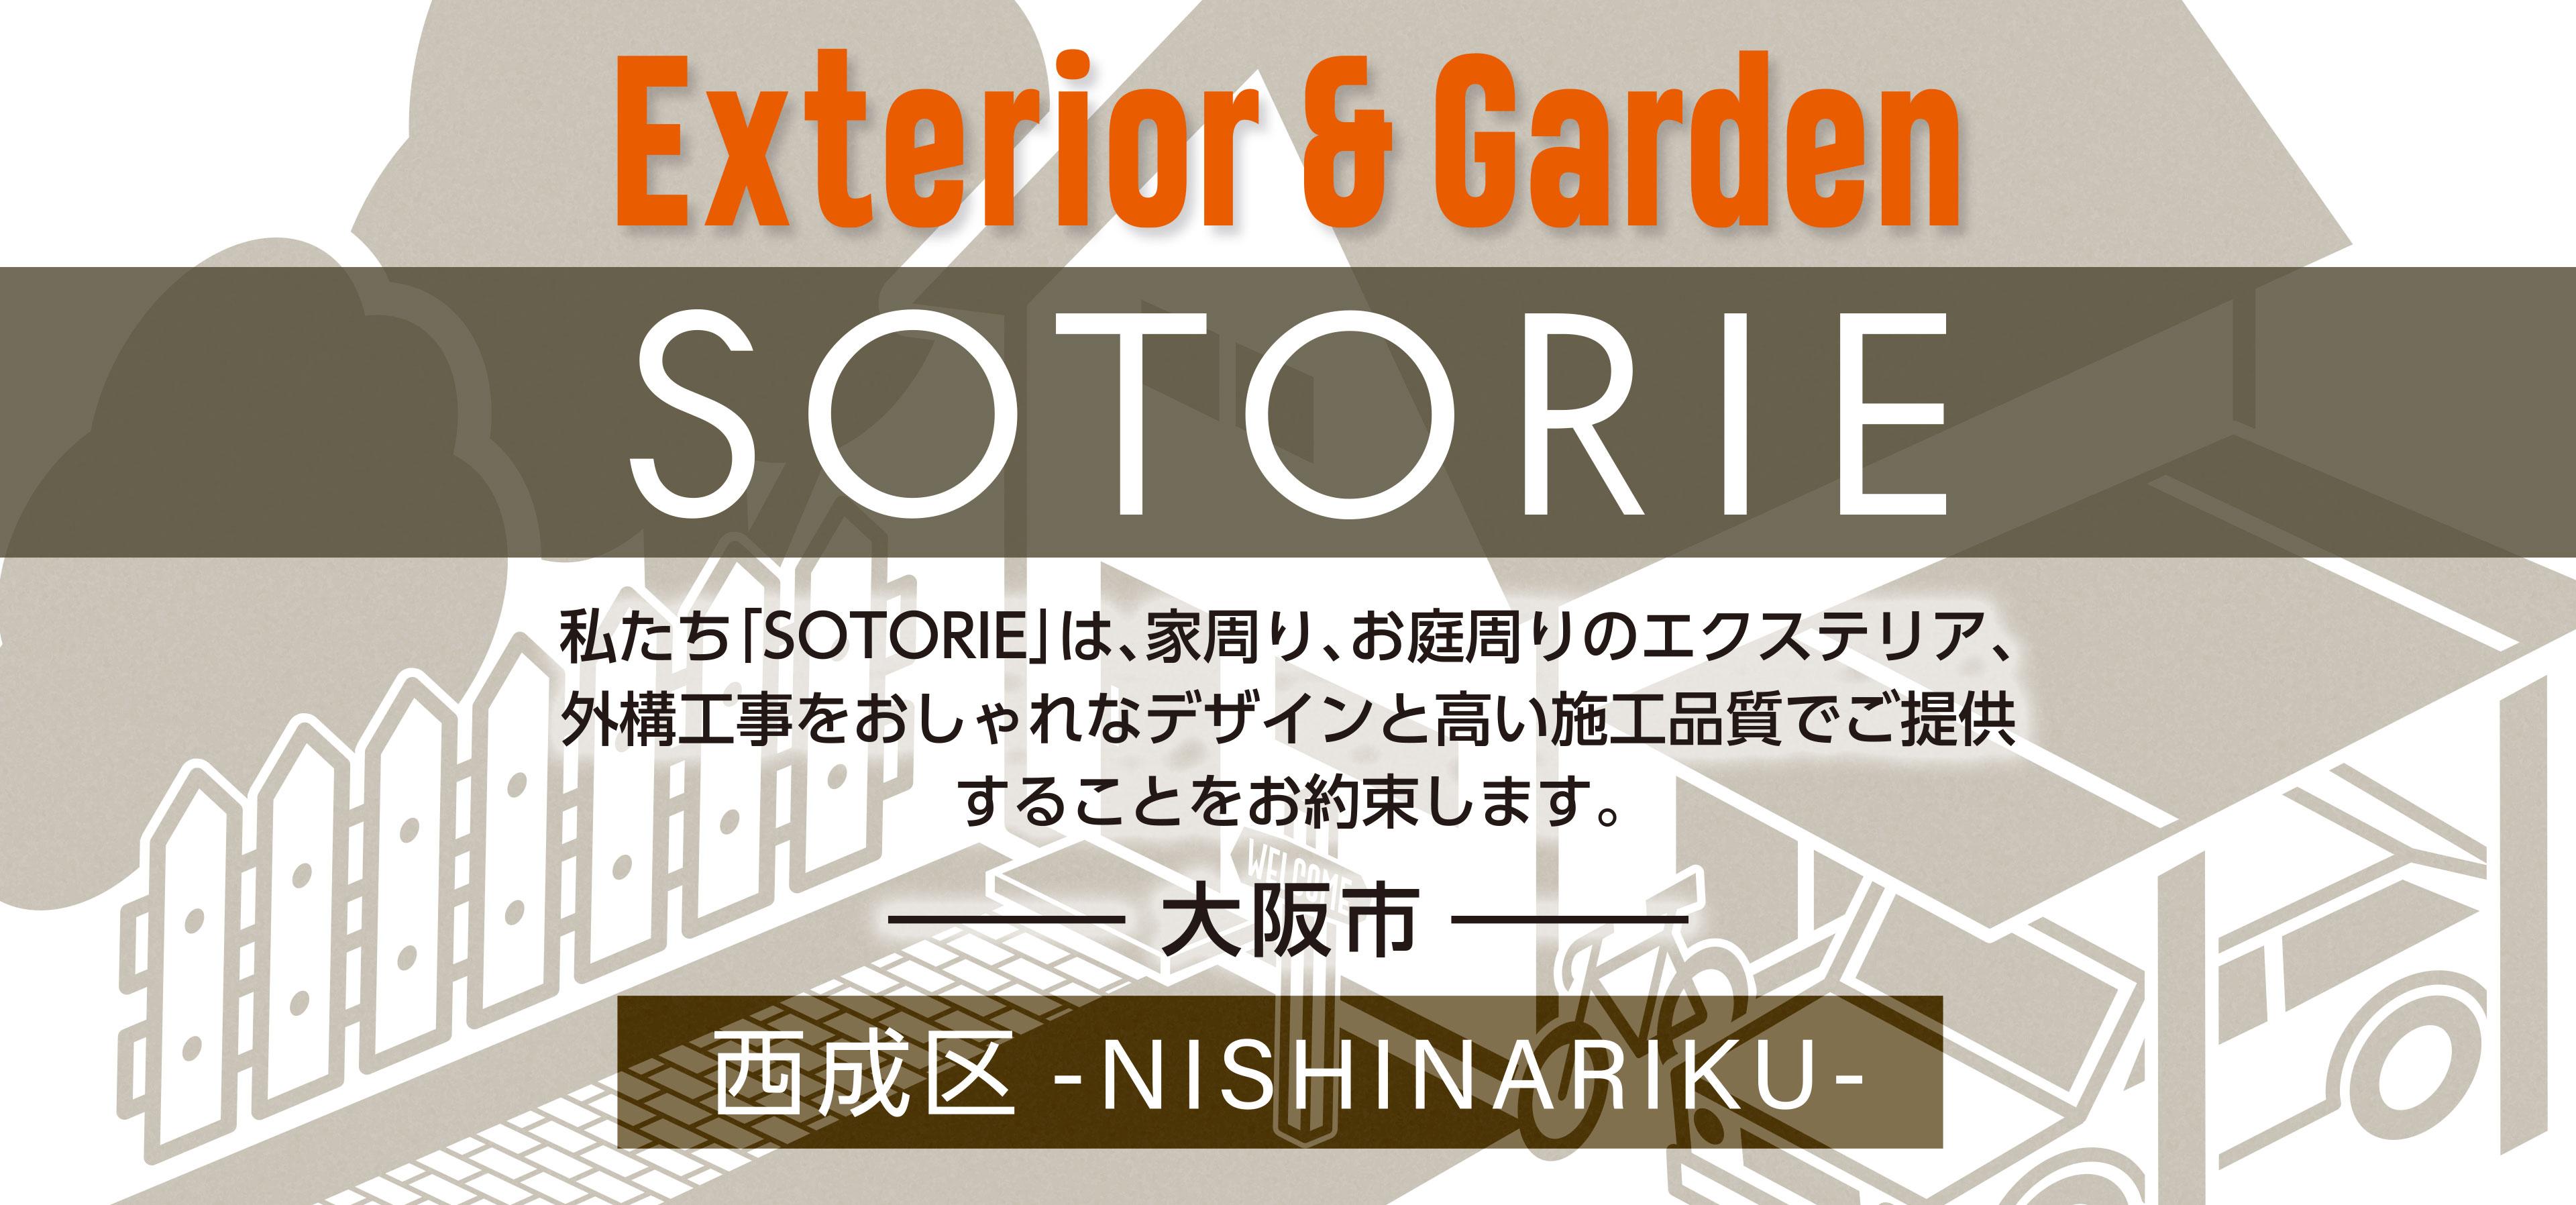 ソトリエ大阪市西成区では、家周りと庭周りの外構、エクステリア工事をおしゃれなデザインと高い施工品質でご提供することをお約束します。